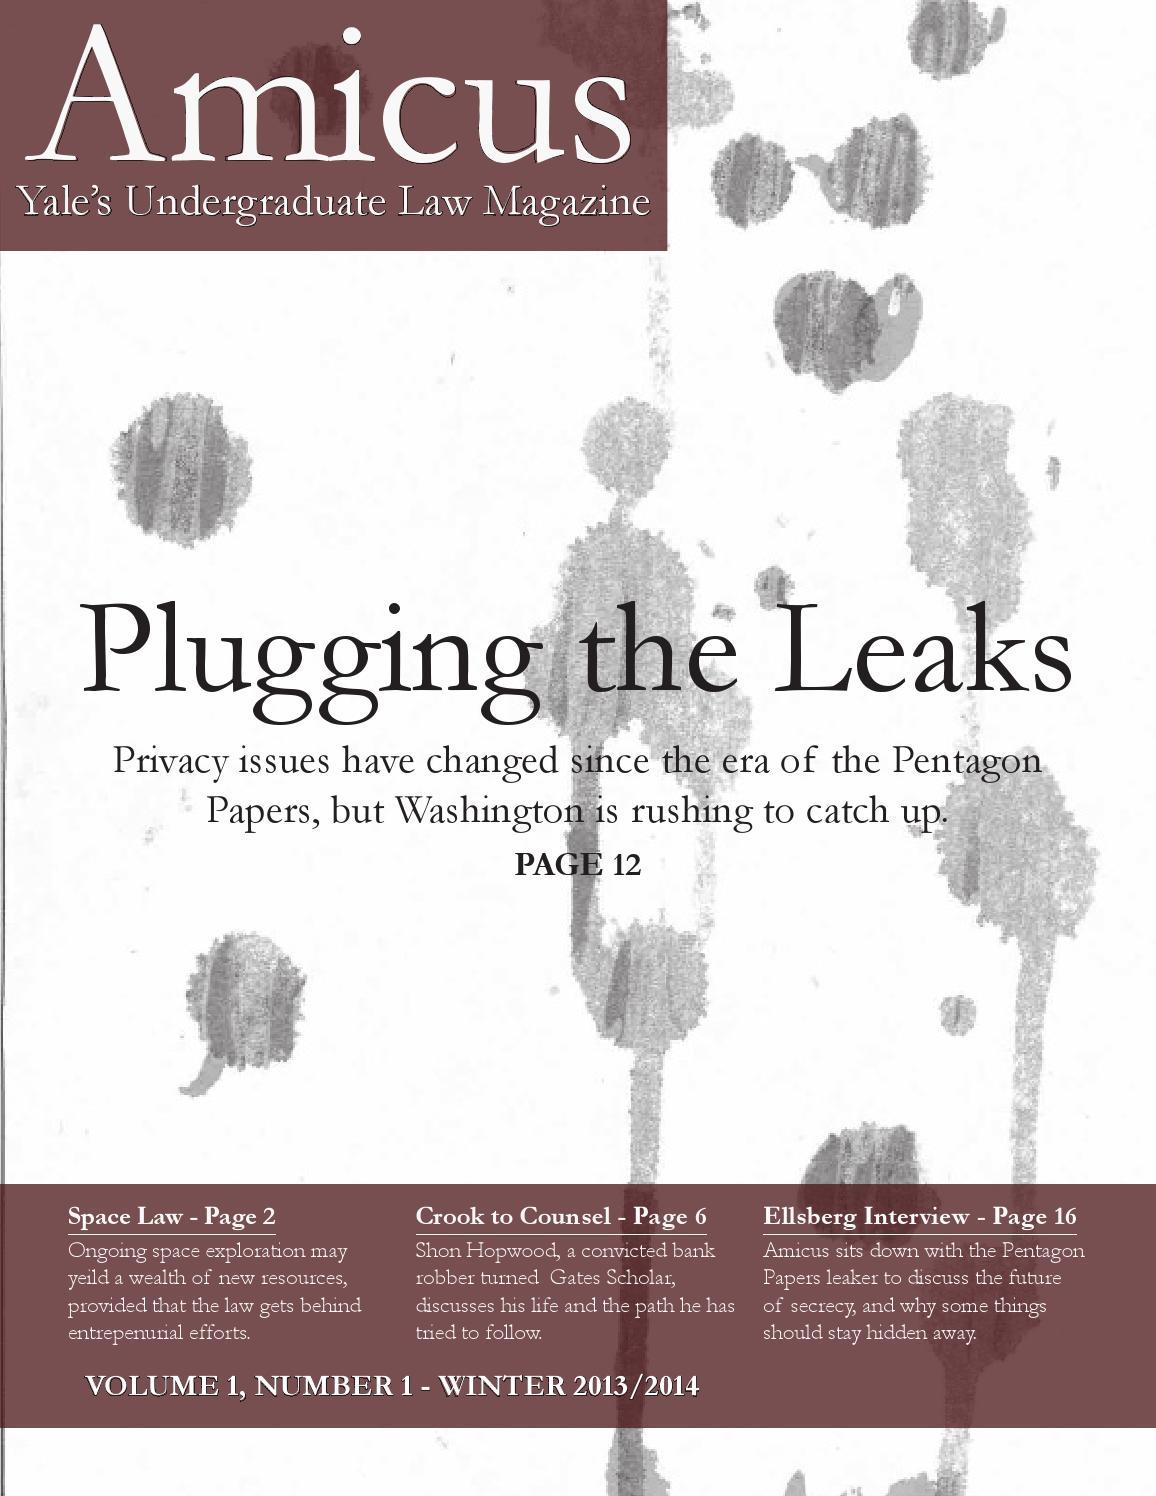 Amicus: Yale's Undergraduate Law Magazine by Yale Amicus - issuu